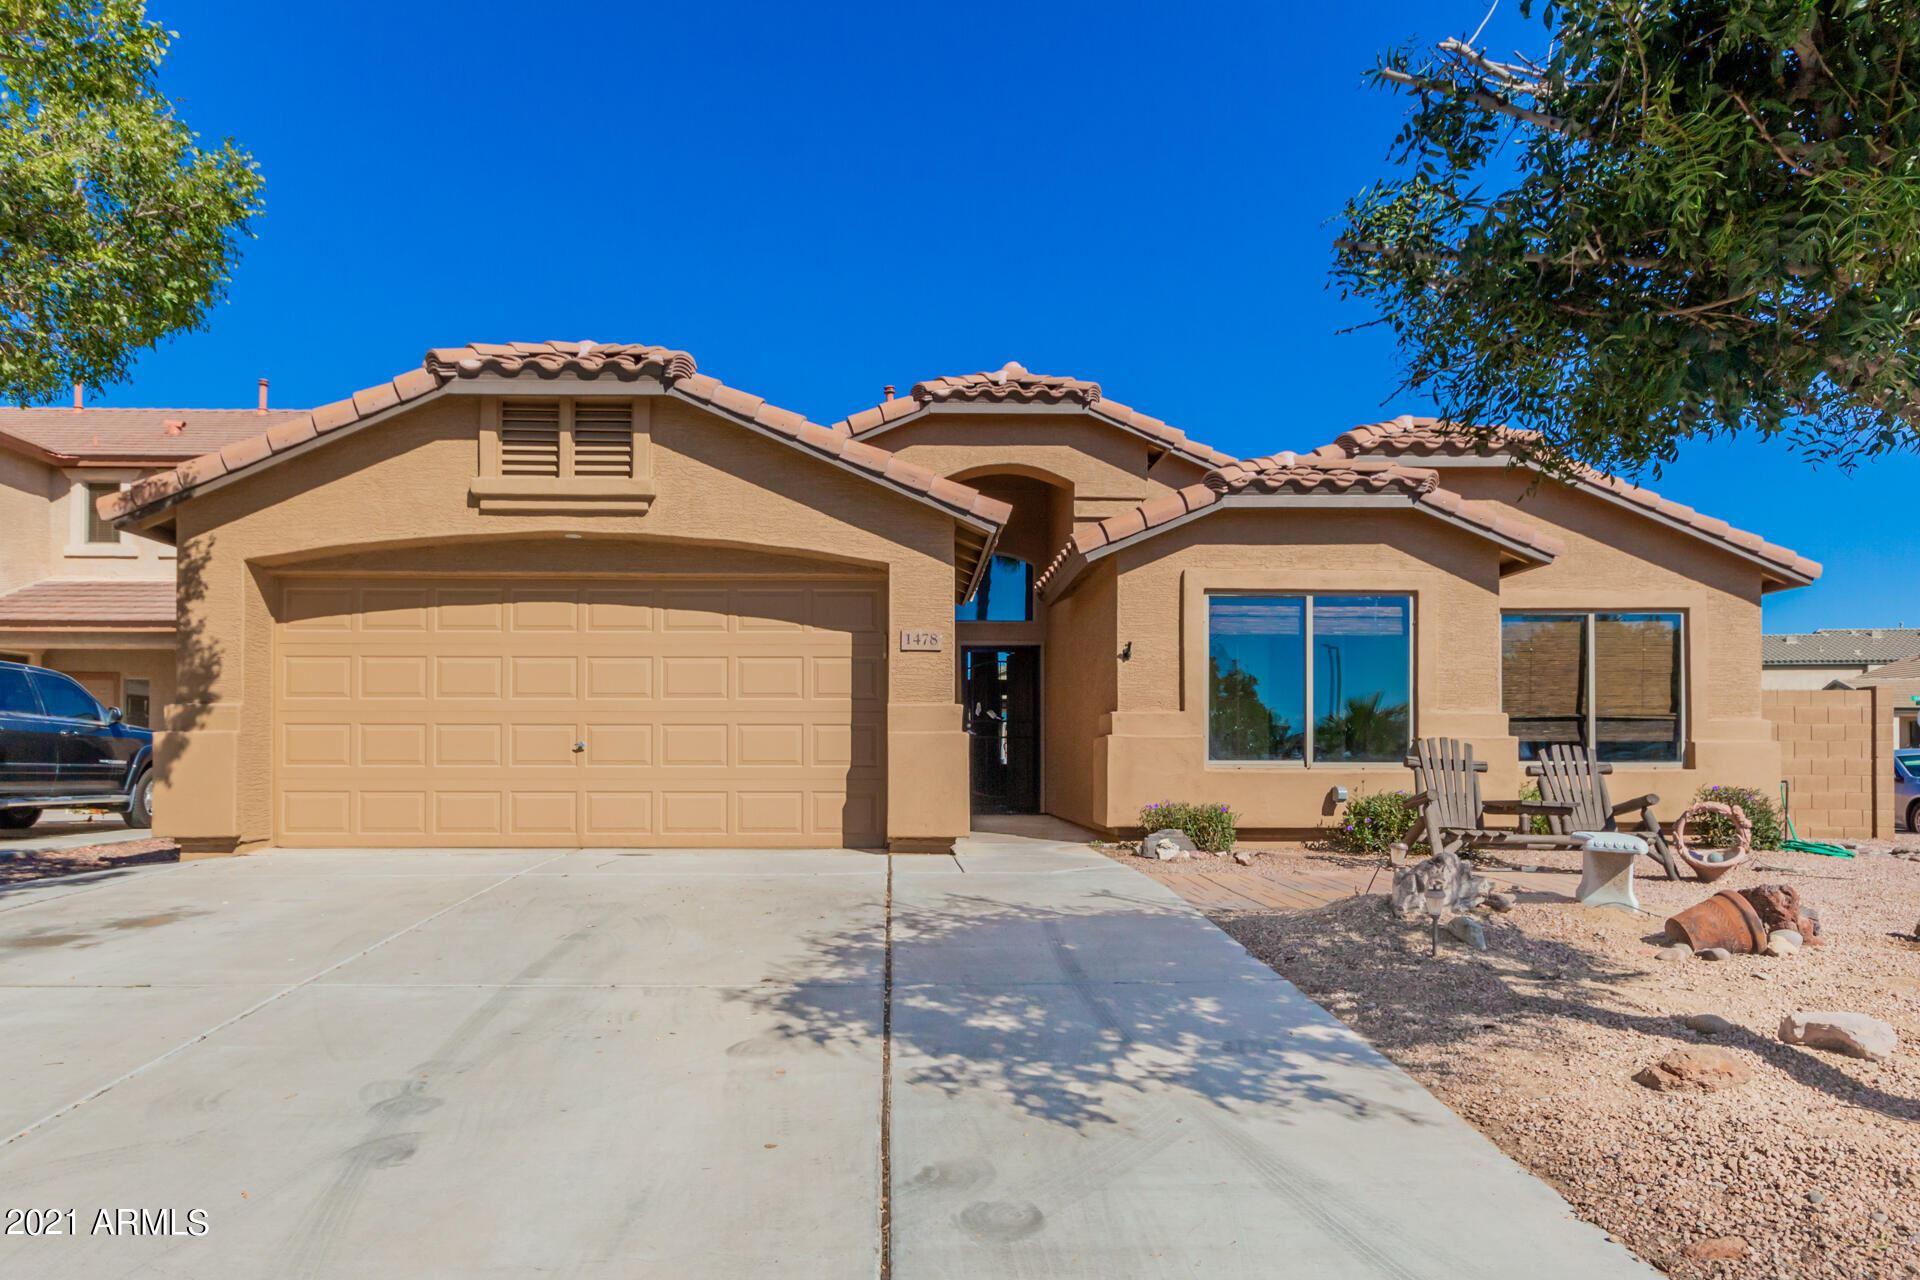 Photo of 1478 E BAKER Drive, San Tan Valley, AZ 85140 (MLS # 6306195)